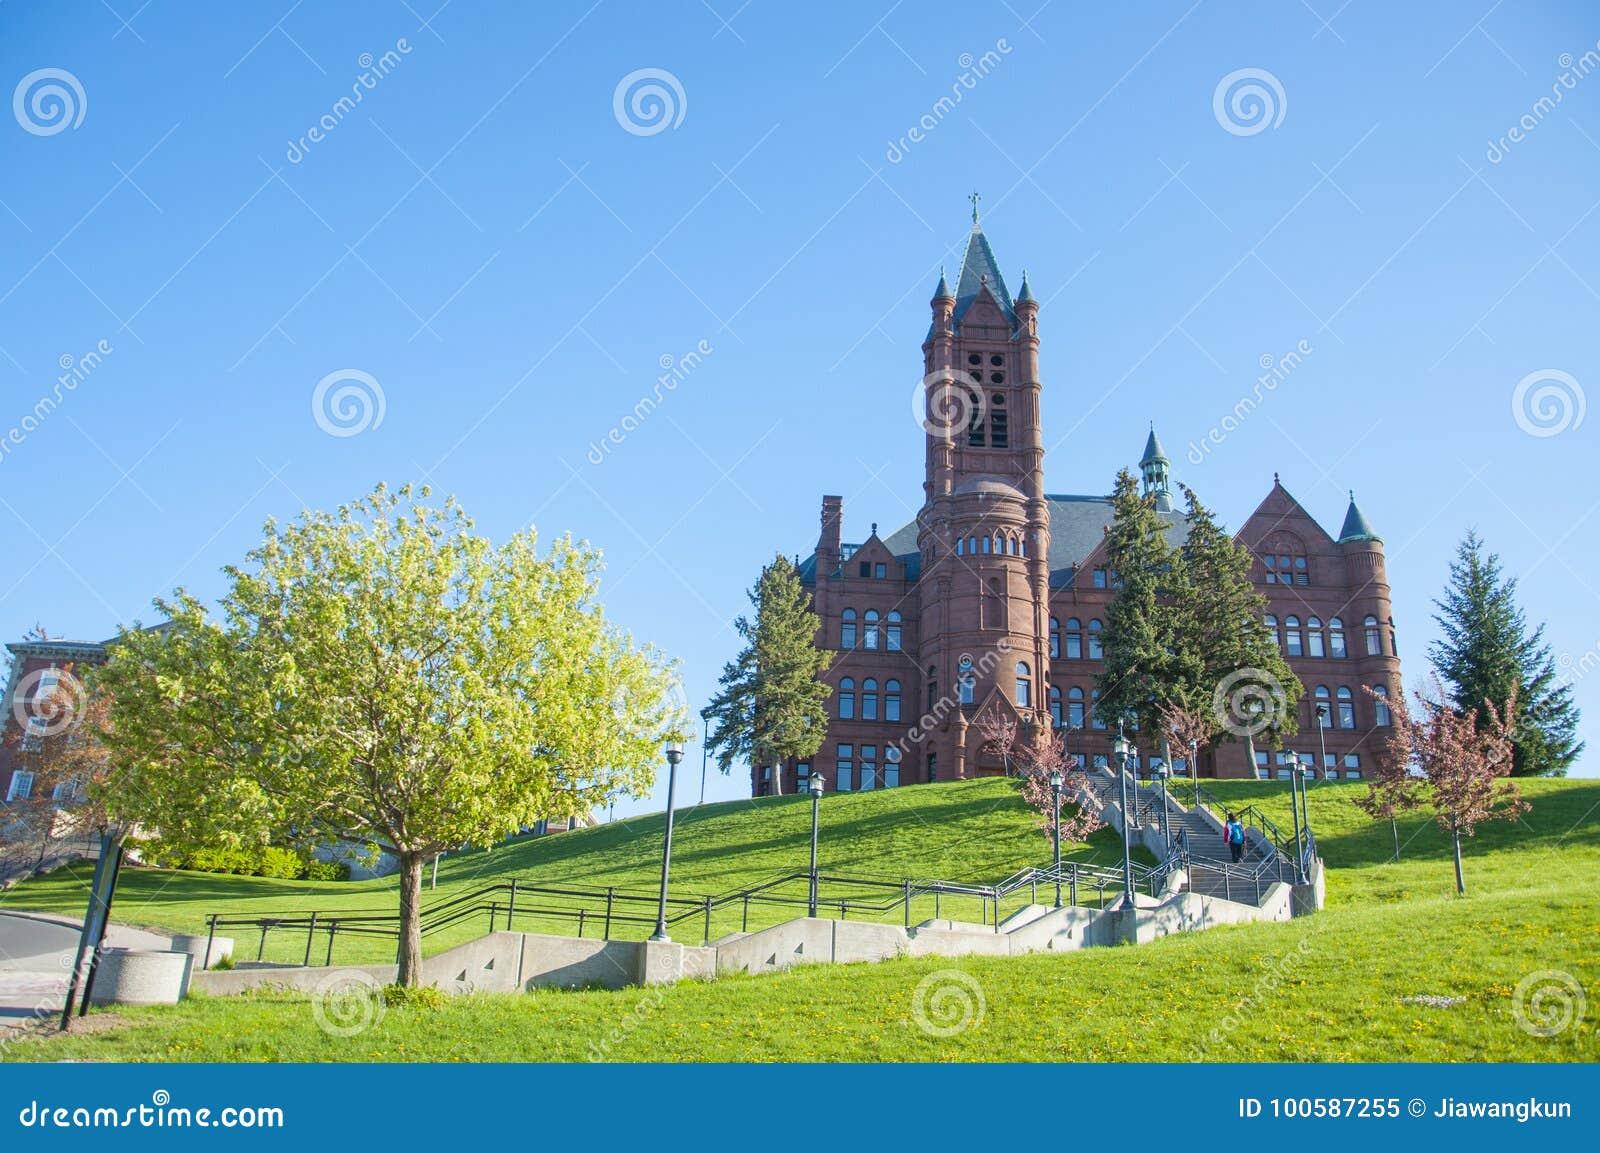 Πανεπιστήμιο των Συρακουσών, Συρακούσες, Νέα Υόρκη, ΗΠΑ